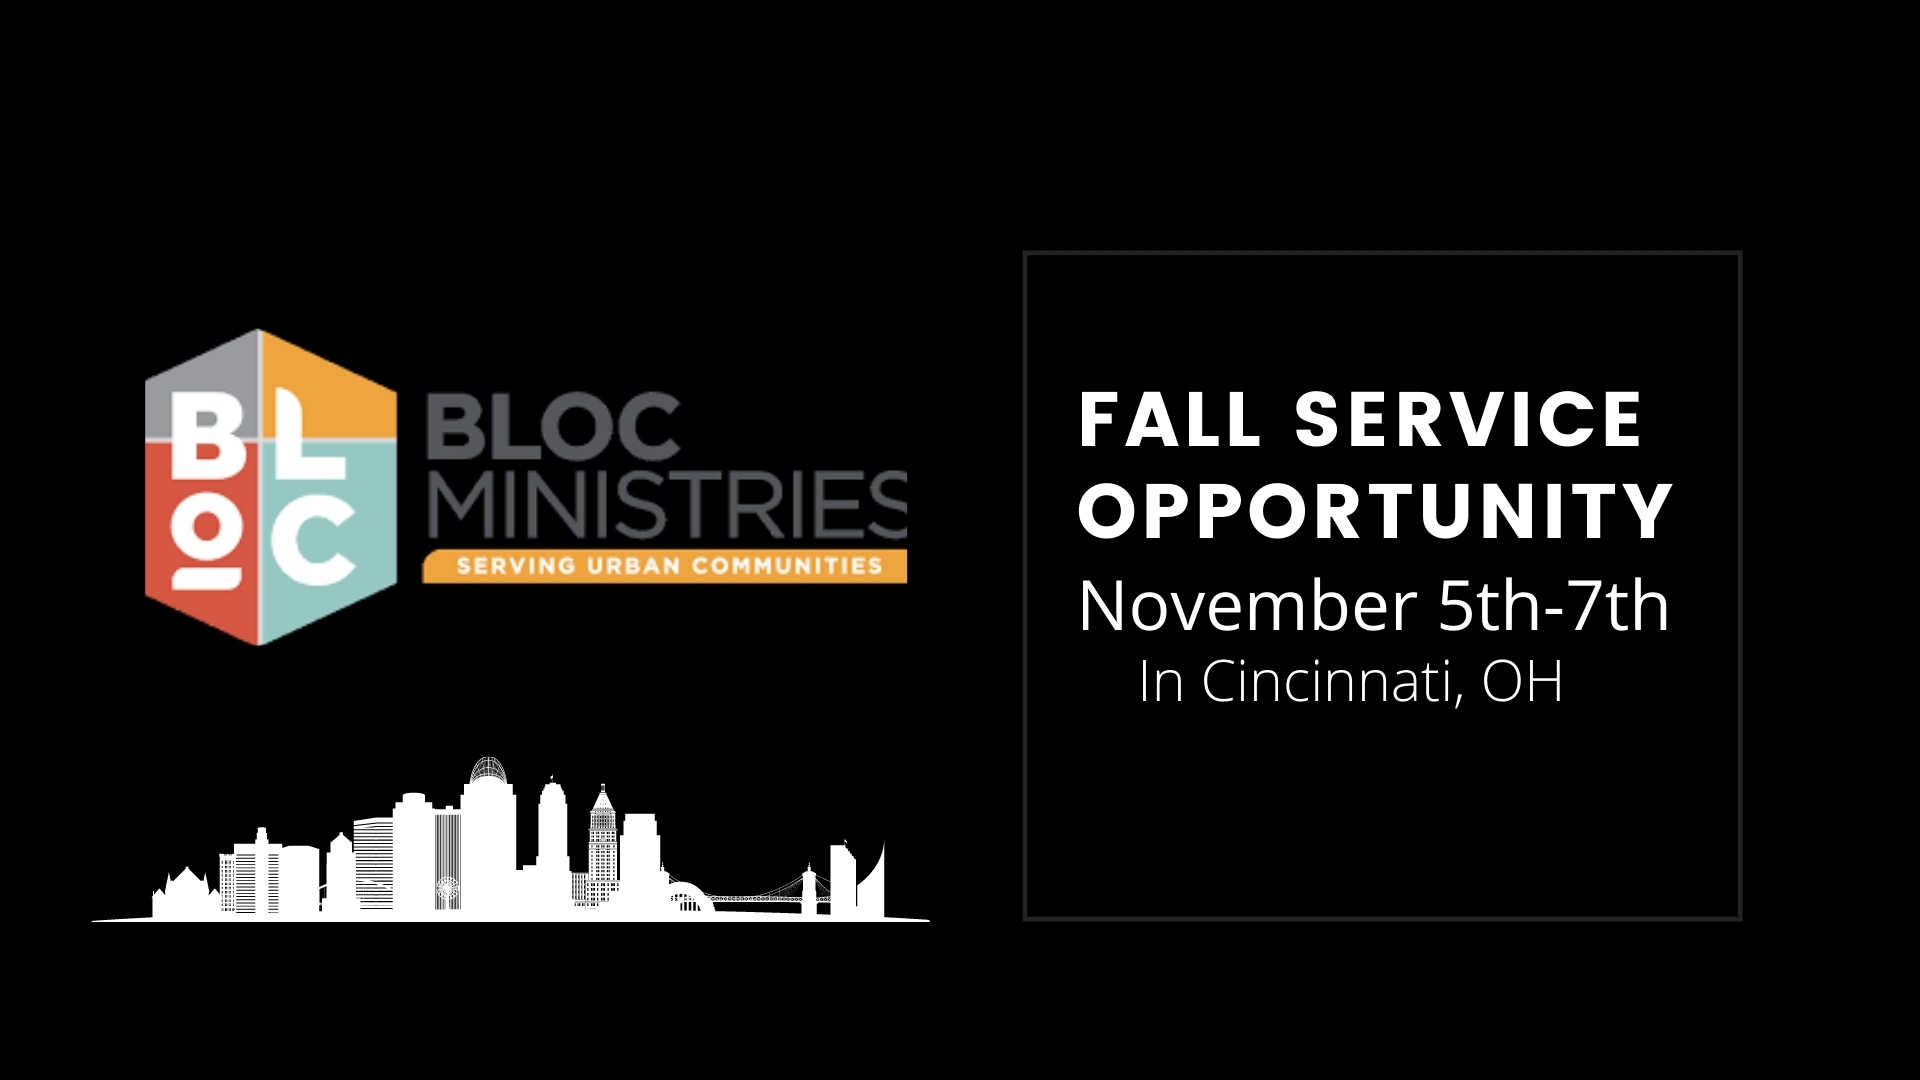 BLOC Ministries Fall Service Trip